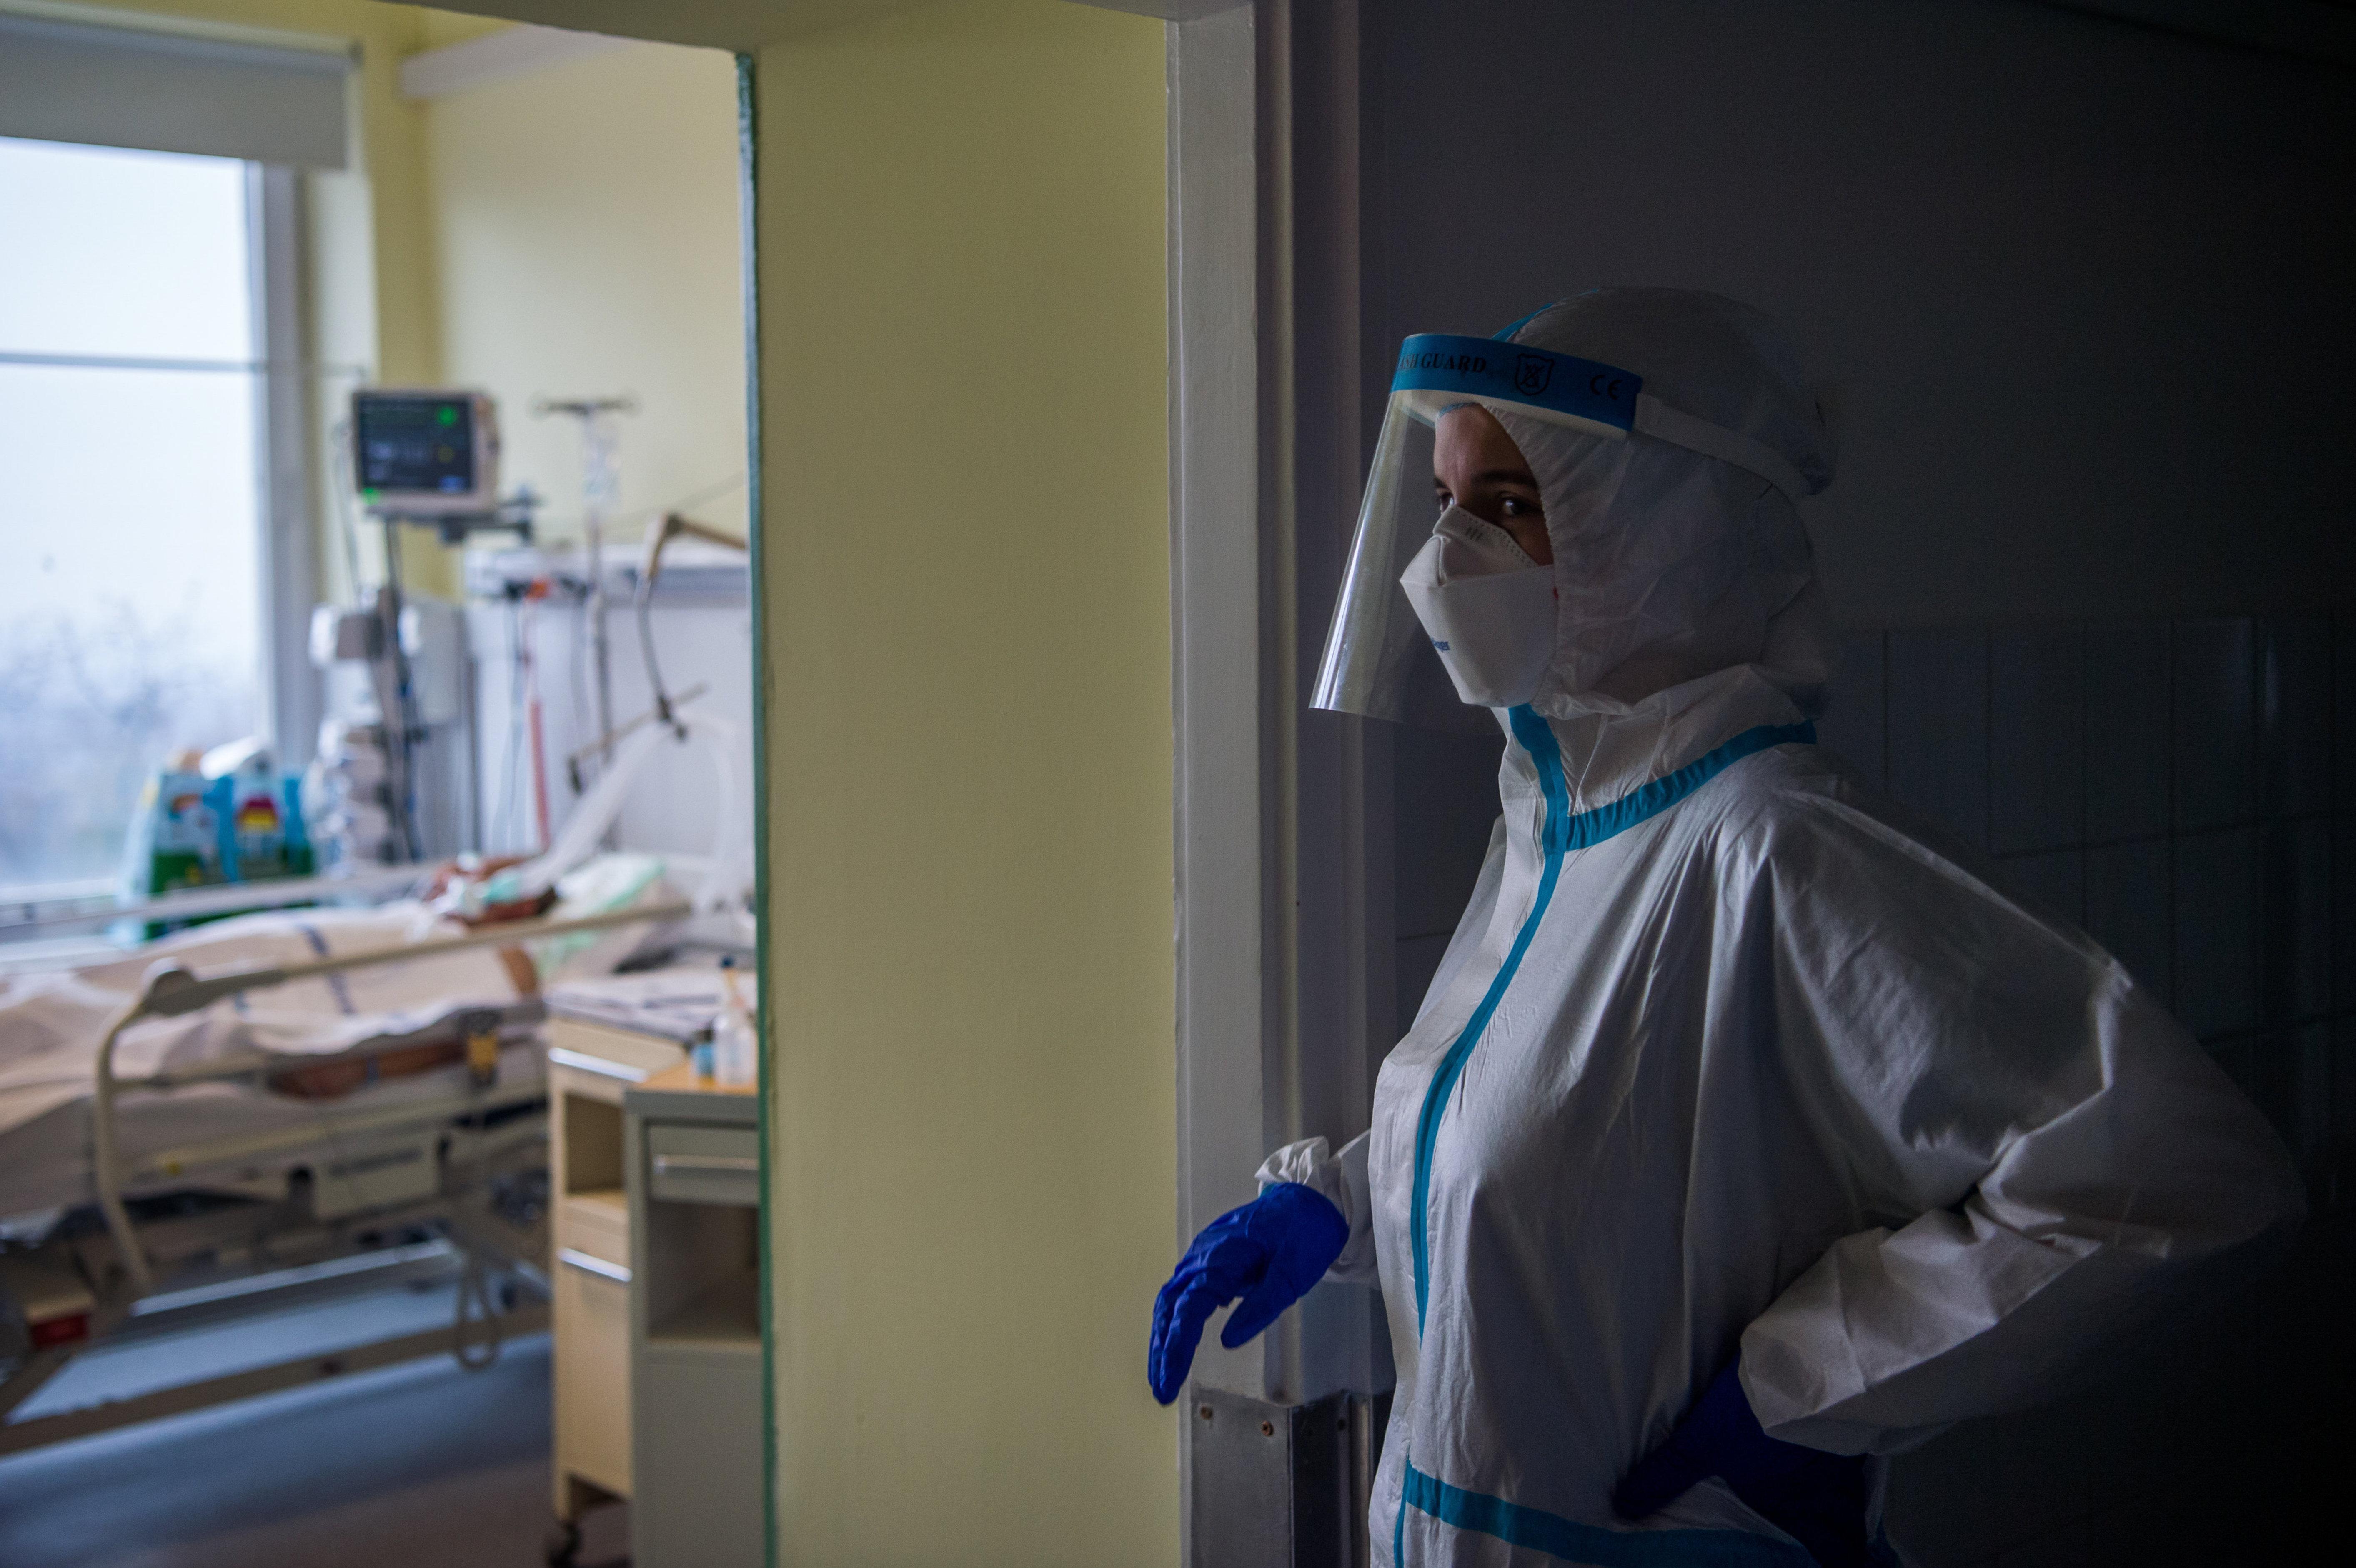 Megszűnhet a debreceni traumatológia, az orvosok nem írják alá a felkínált szerződést